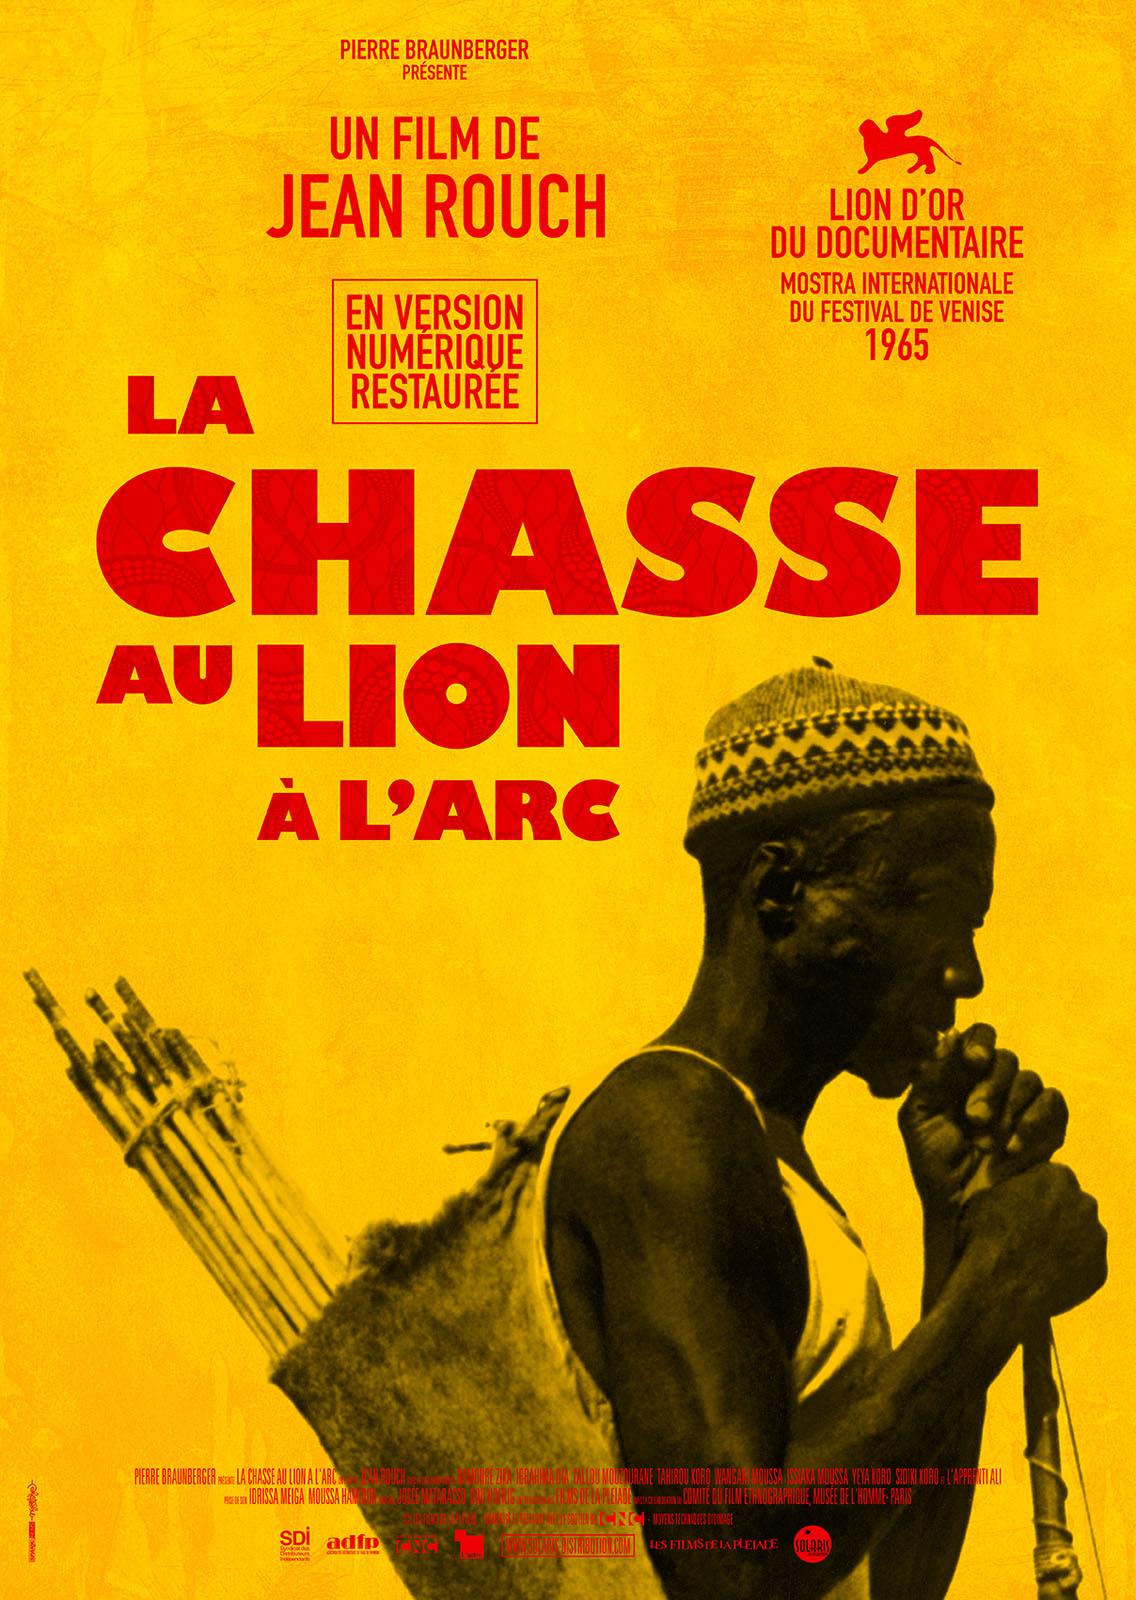 La Chasse au Lion à l'arc - film 1965 - AlloCiné